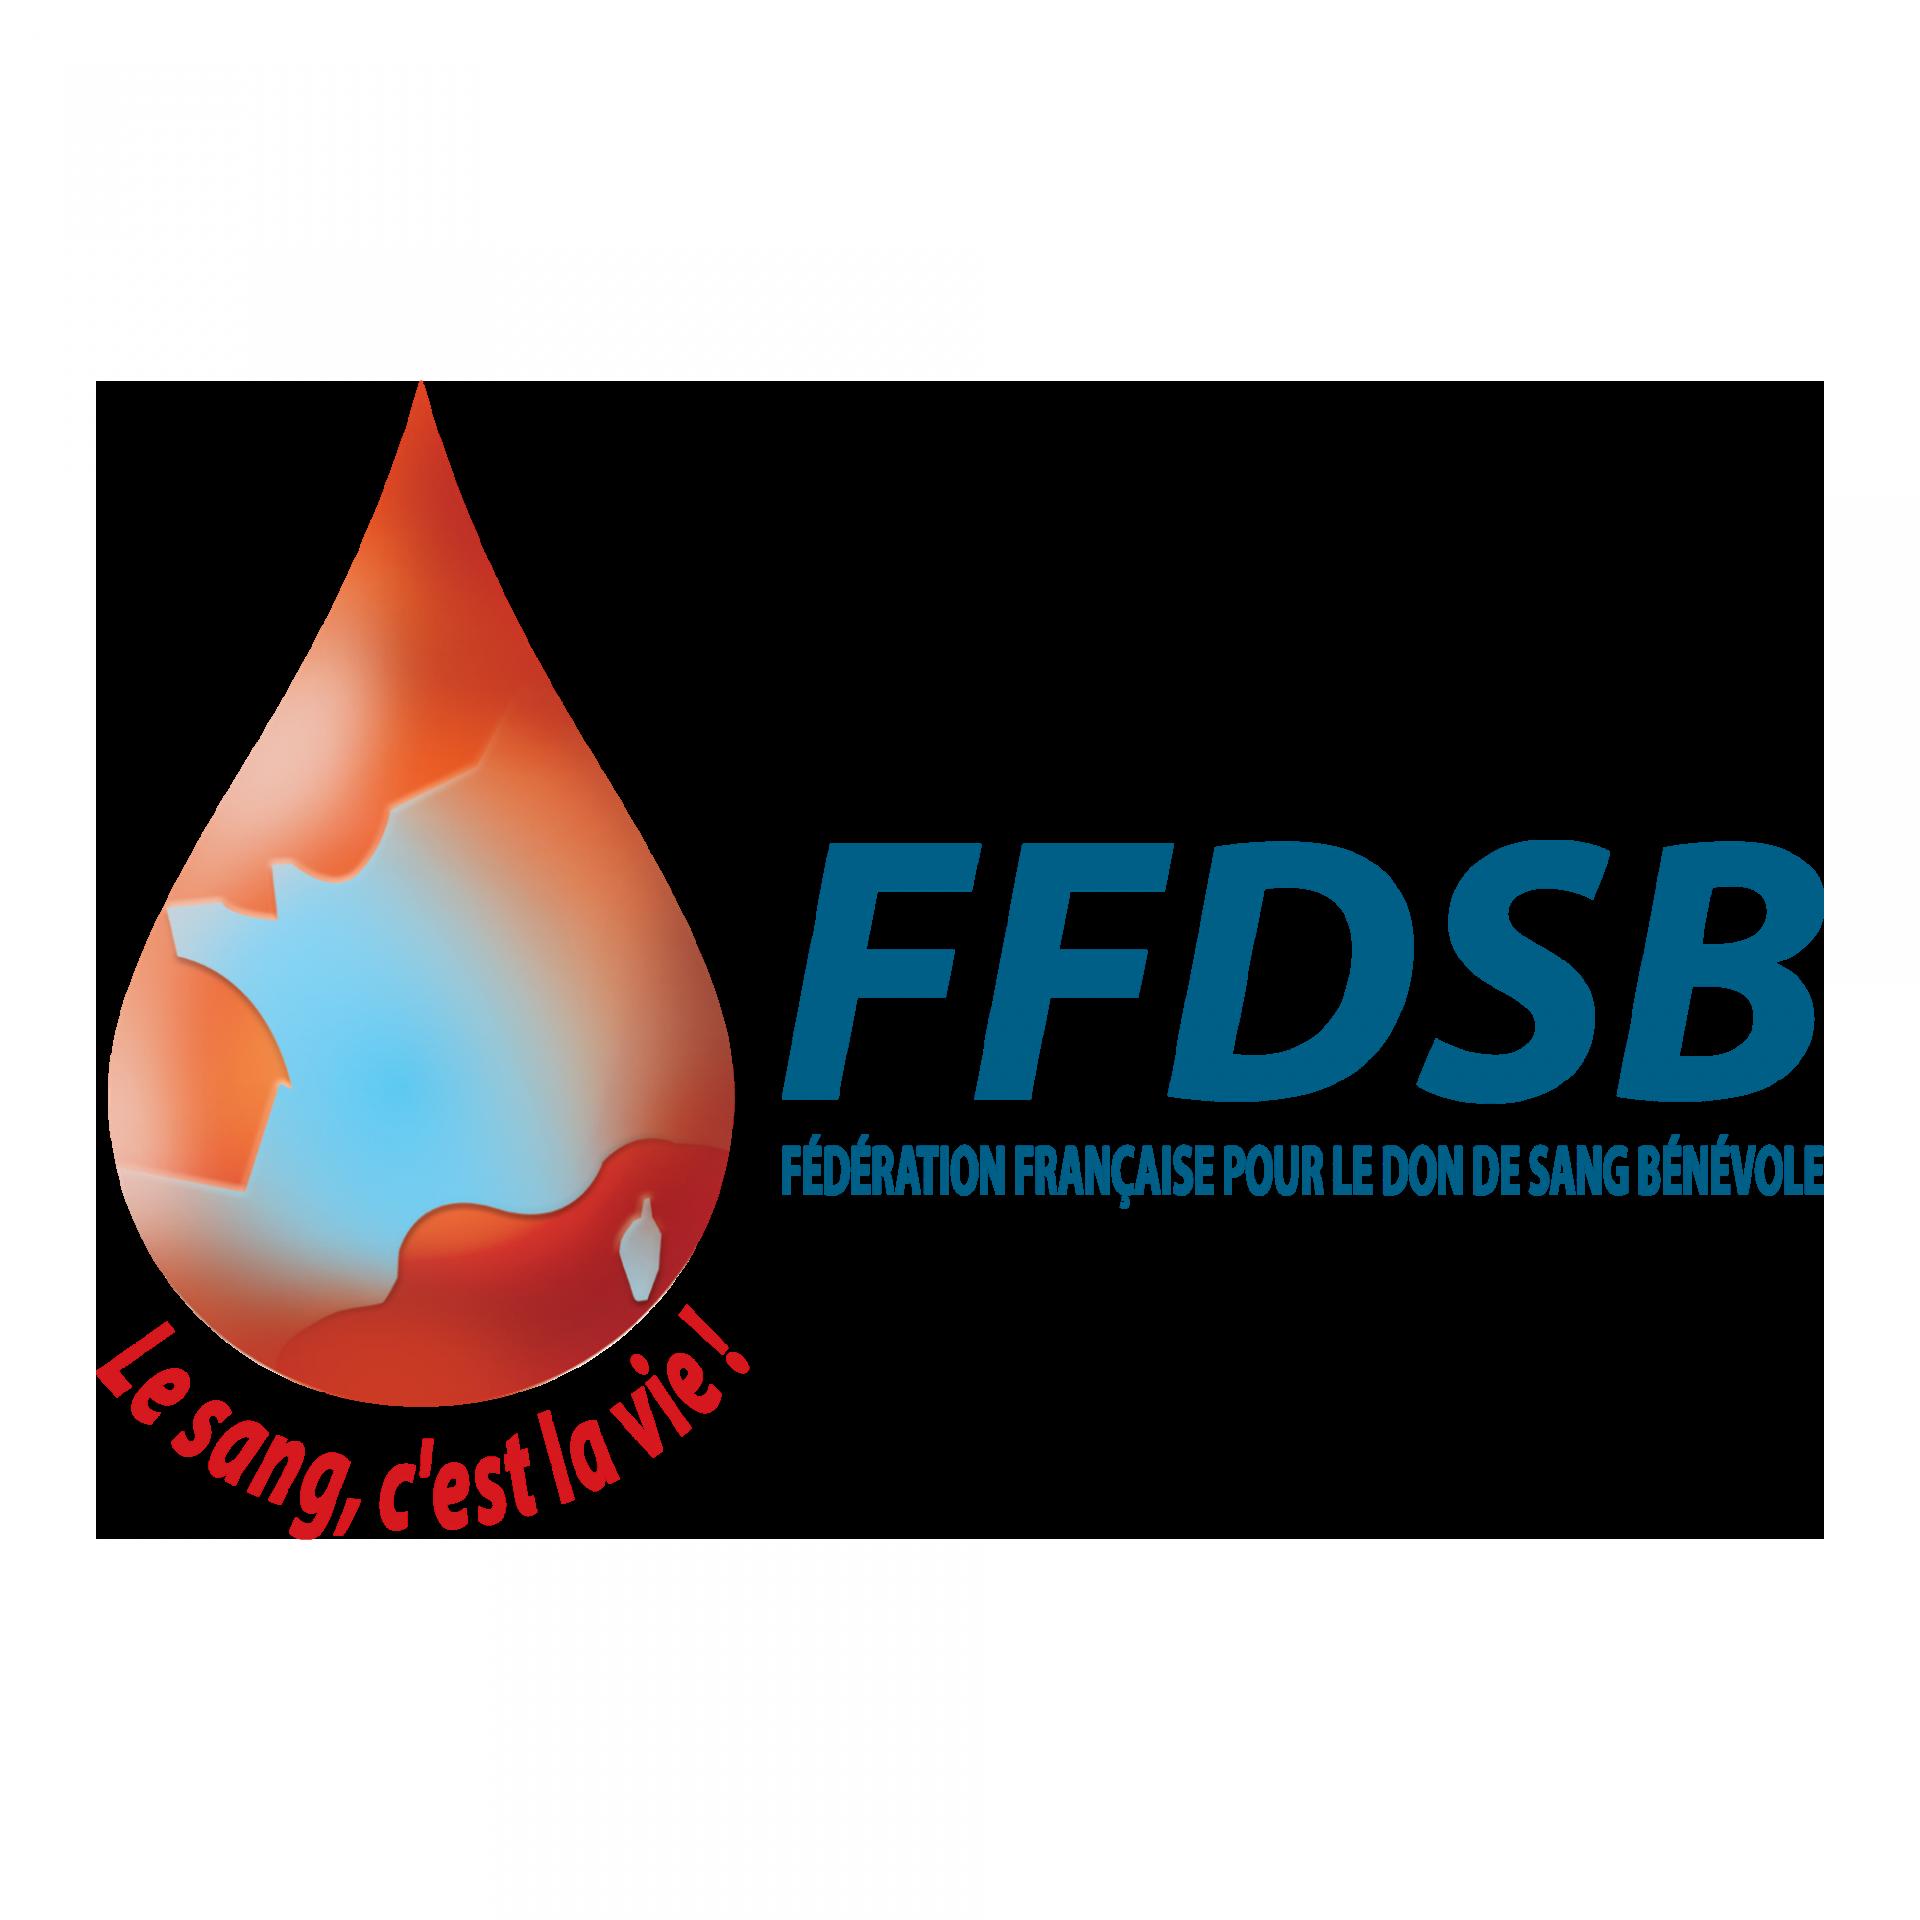 Logo ffdsb 2000x2000